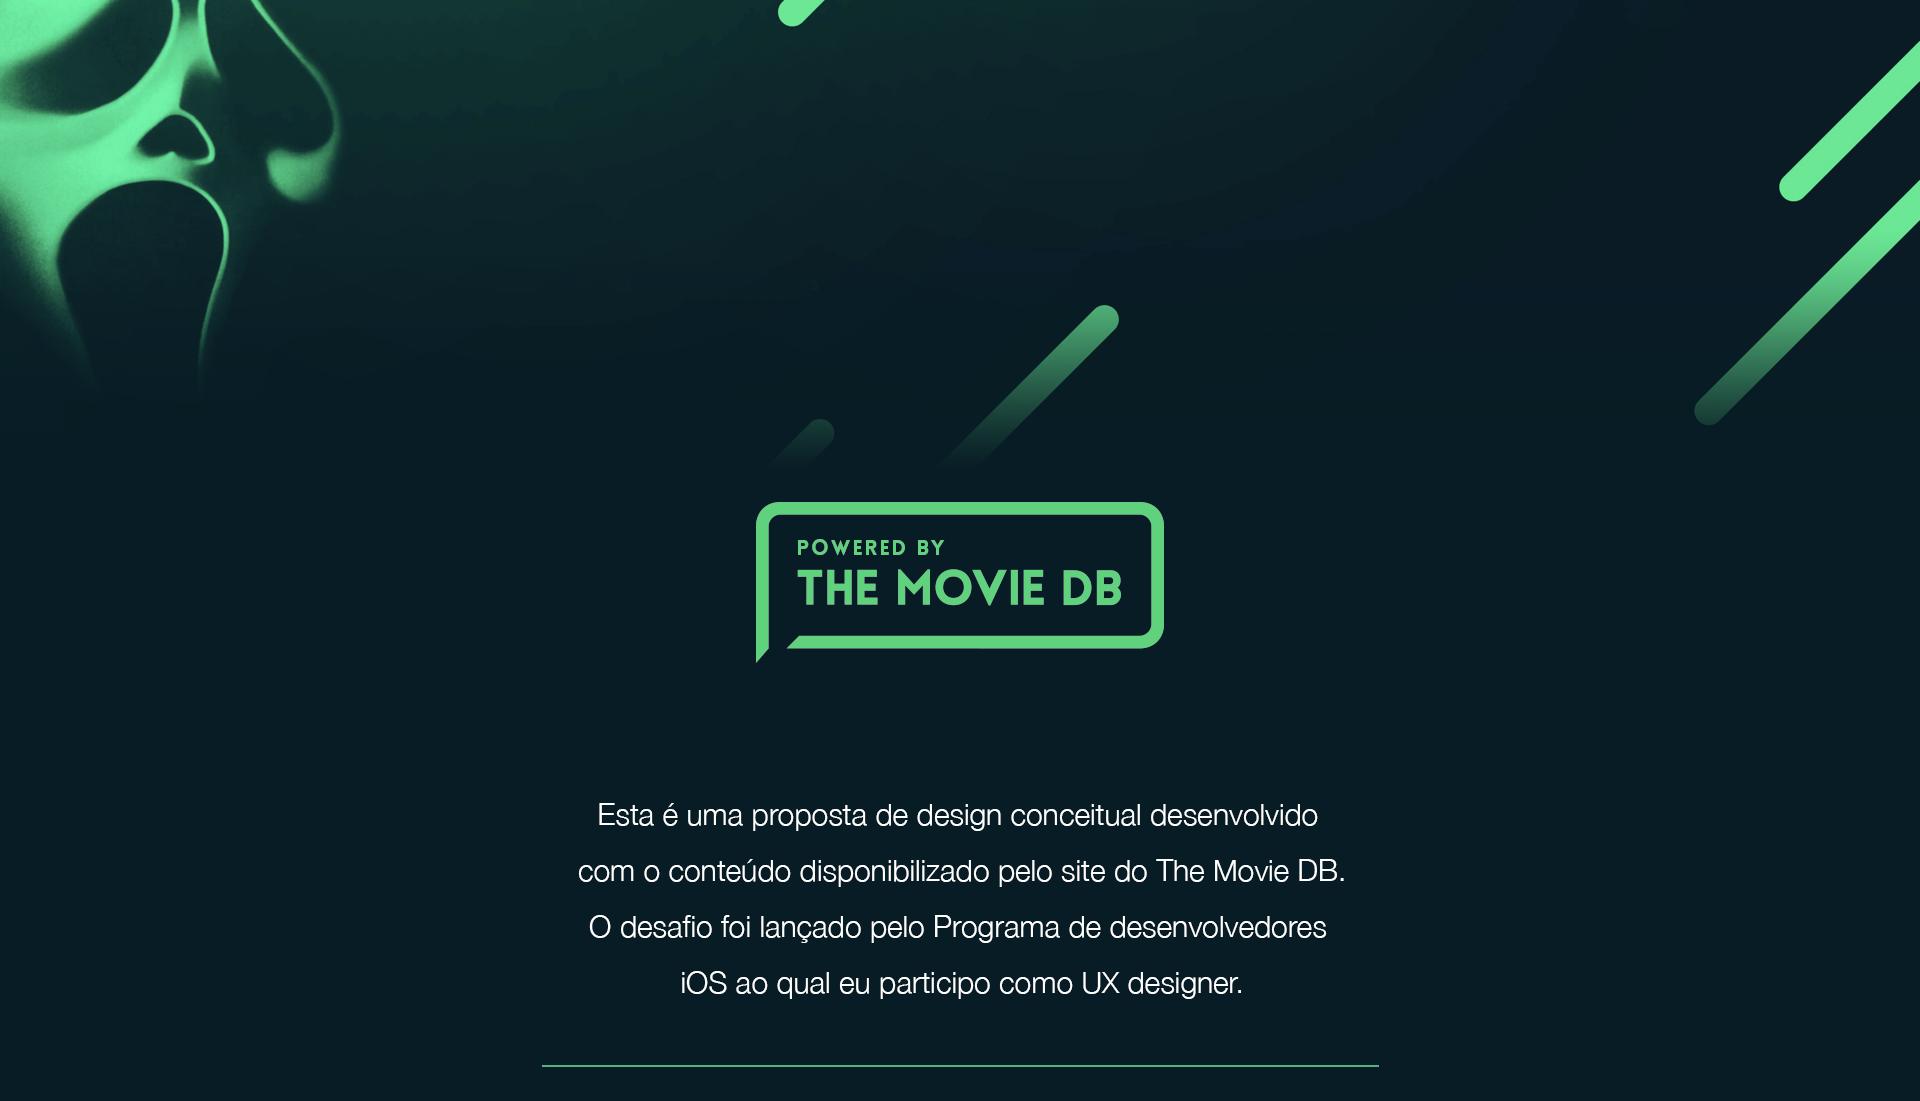 Bianca Saturno - Concept Design Movie DB App